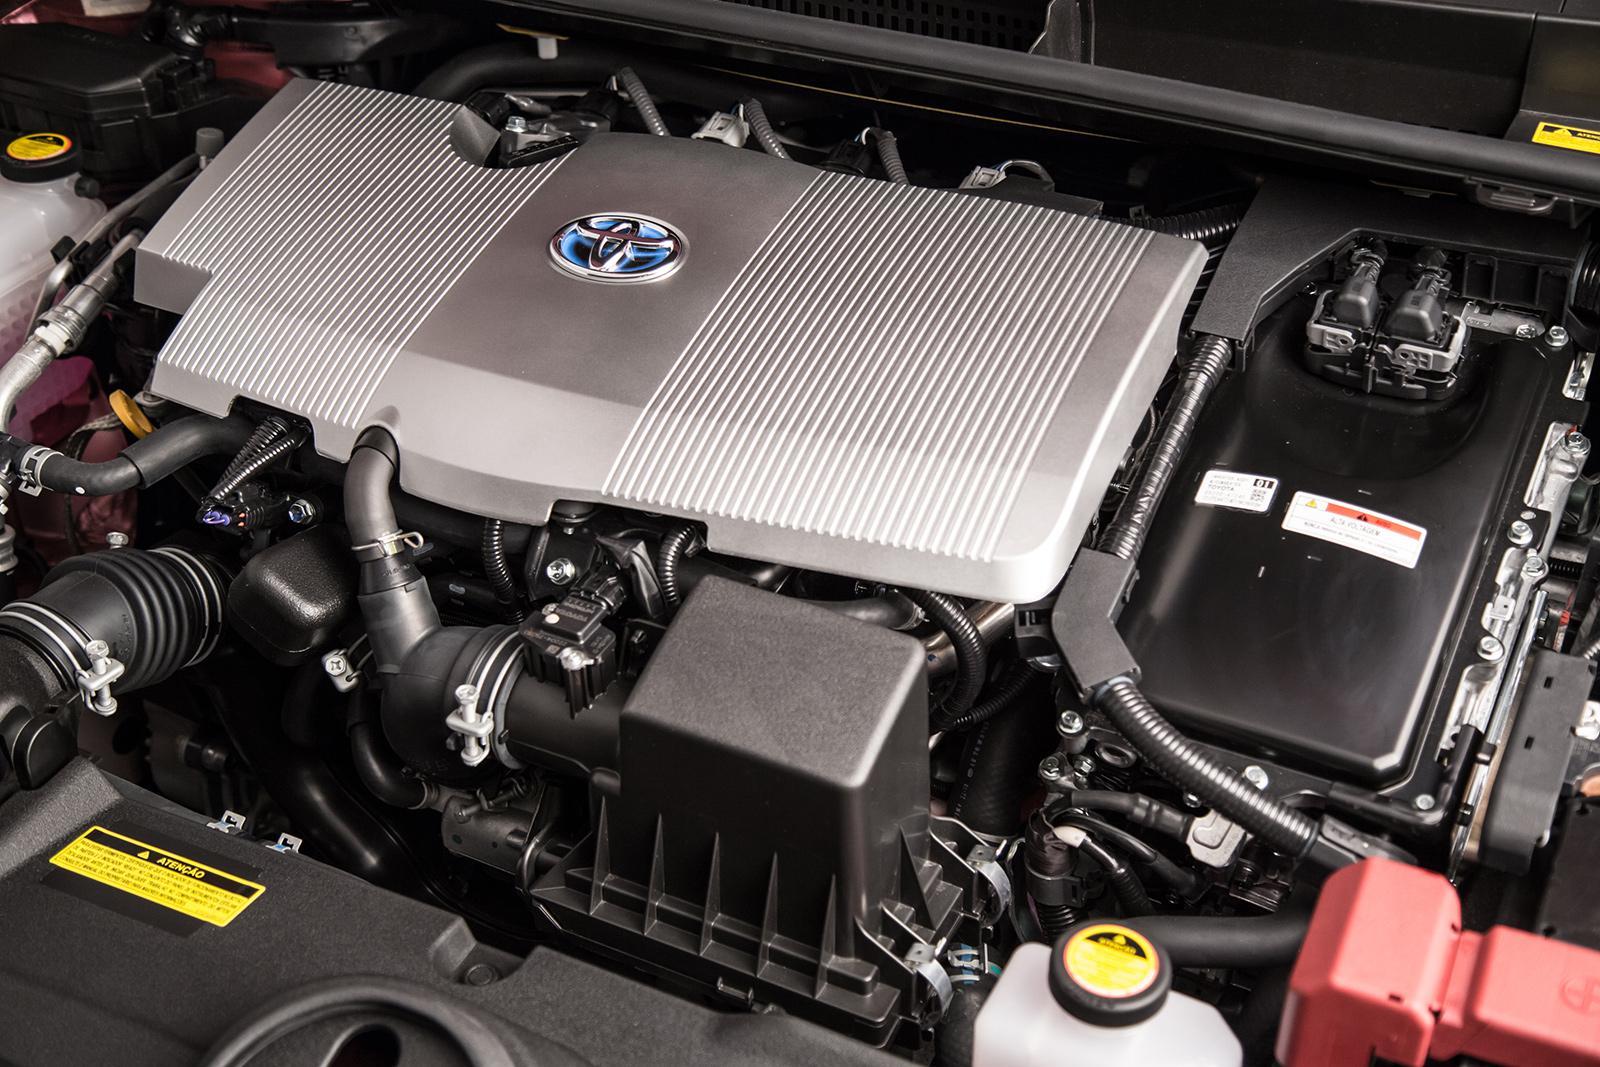 Prius tem dois motores - um a combustão e outro elétrico